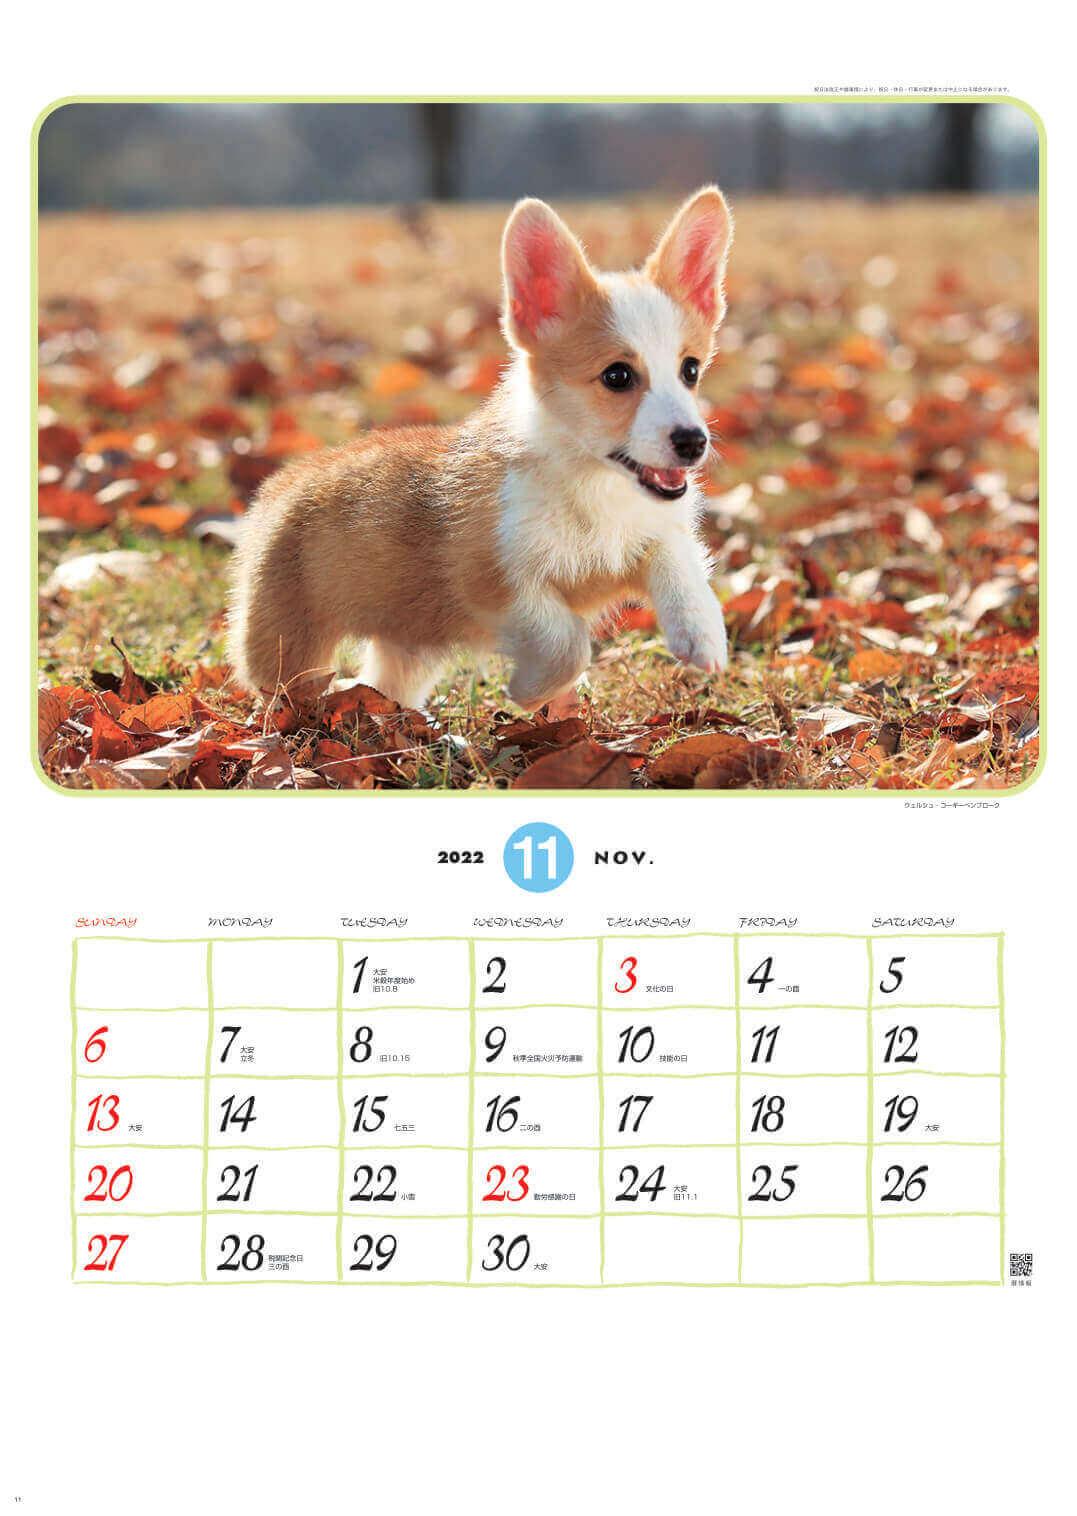 ウェルシュ・コーギーペンブローク リトルフレンド 2022年カレンダーの画像